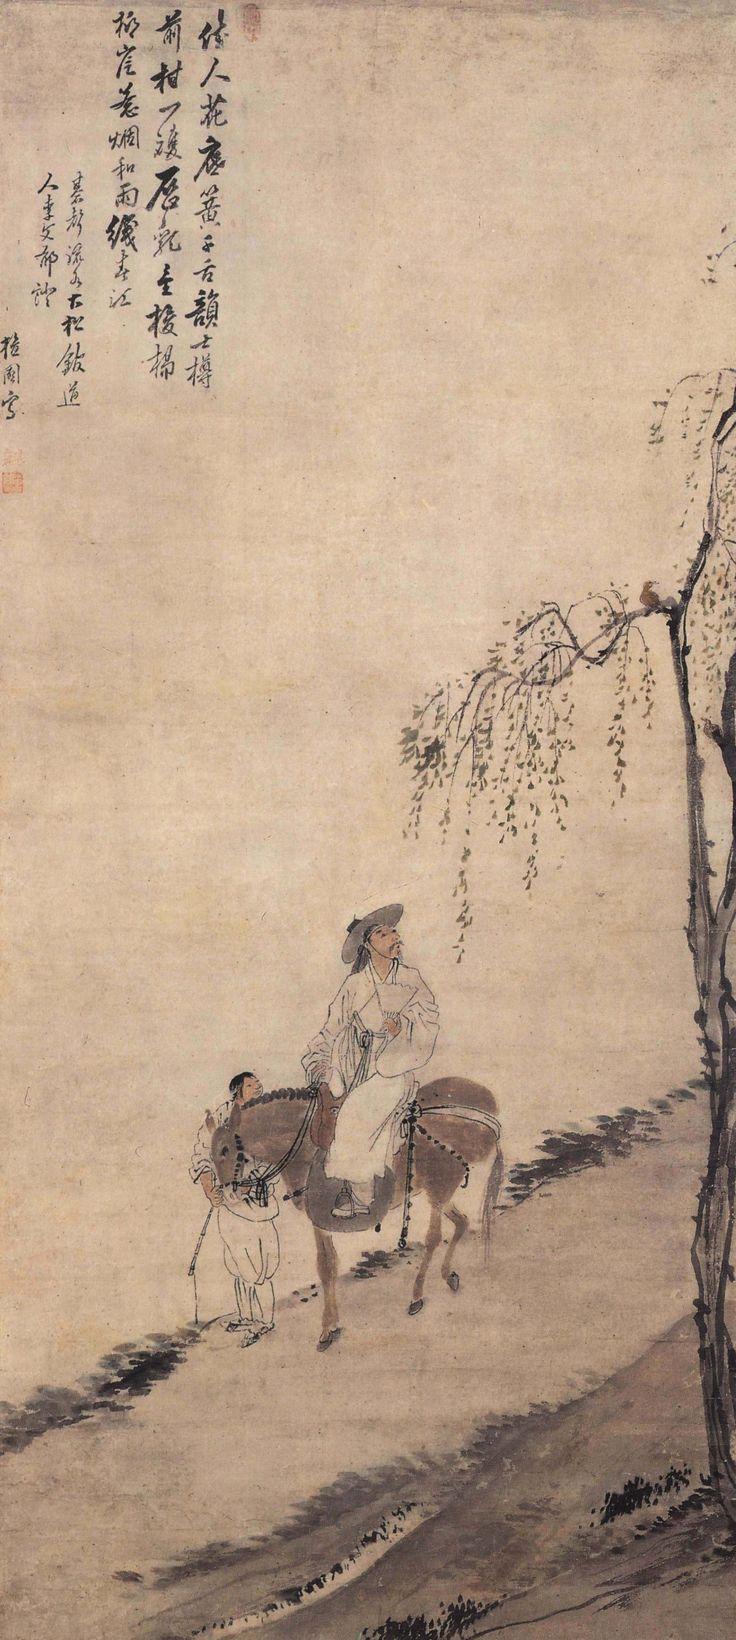 김태빈의 공부 :: 단원 김홍도 <마상청앵도>의 추억